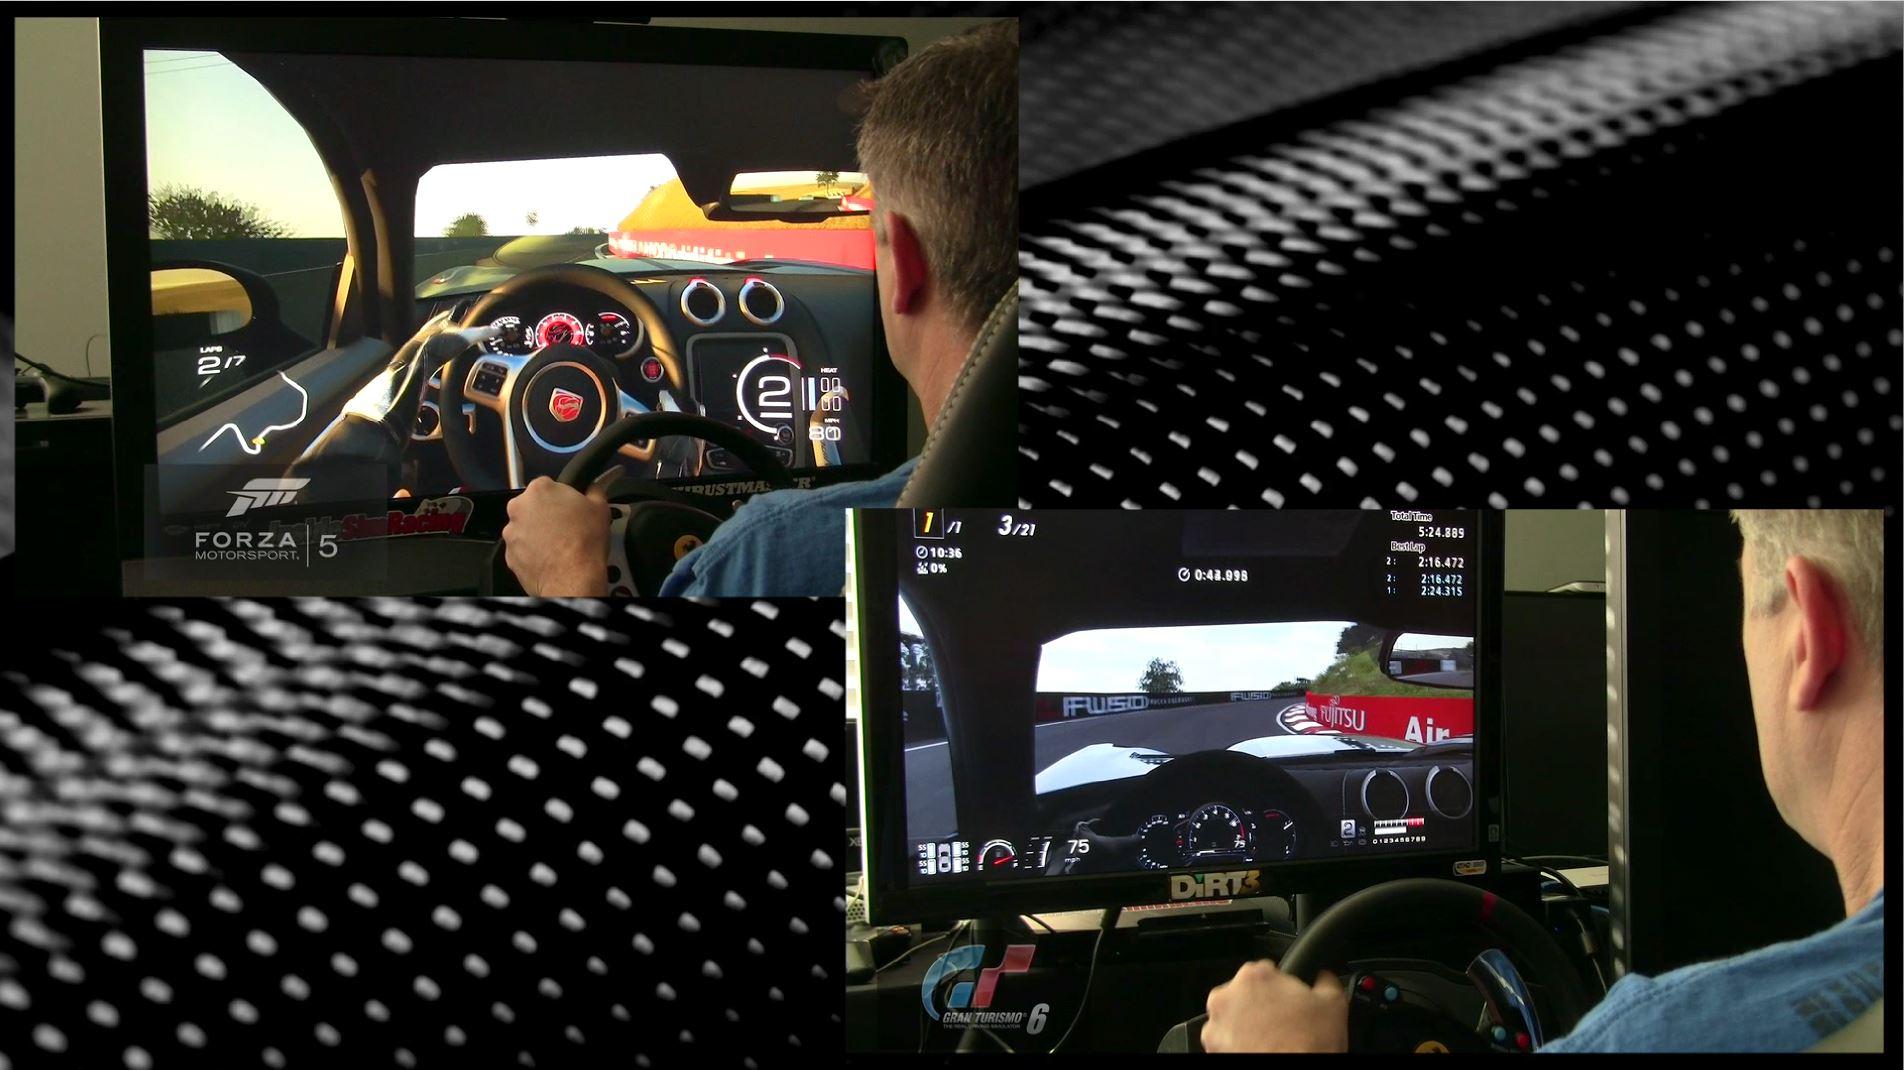 Forza Motorsport 5 vs Gran Turismo 6 – Test Drive SRT 2013 Viper @ Bathurst